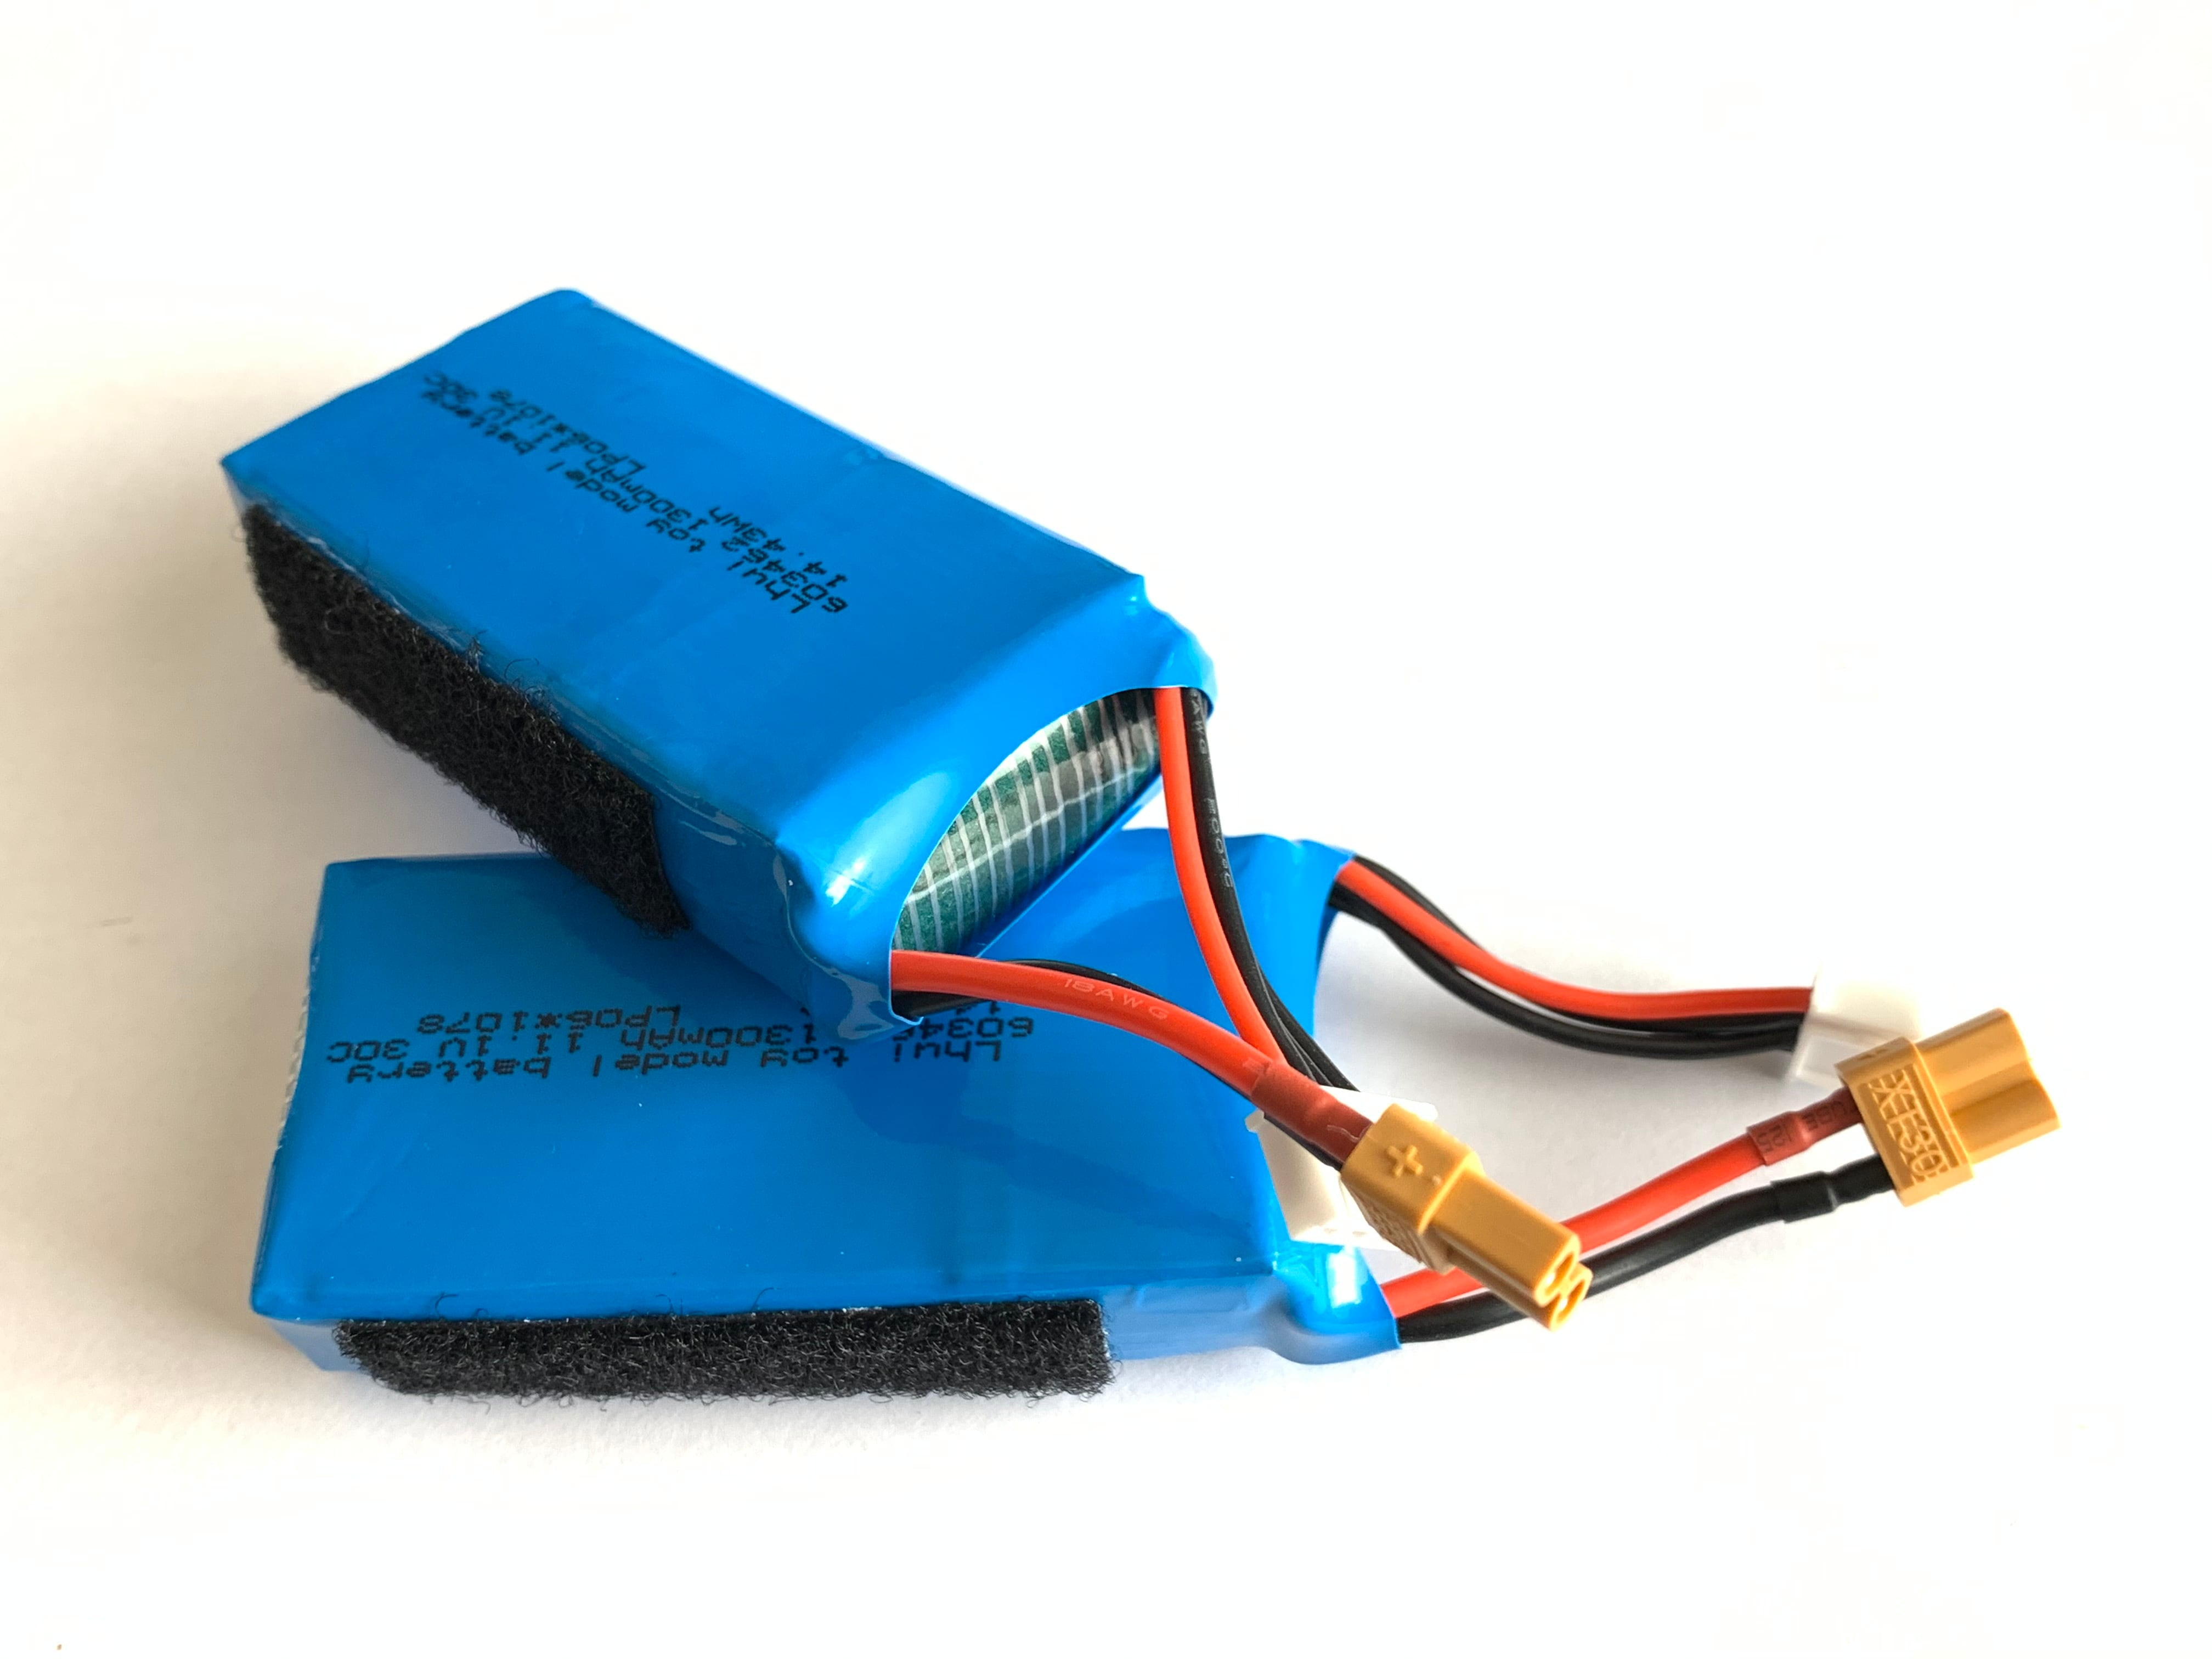 NH2117◆2個セット特価◆XK  X450 互換基板付リポバッテリー  11.1V1300mAh30C  XT30コネクタ